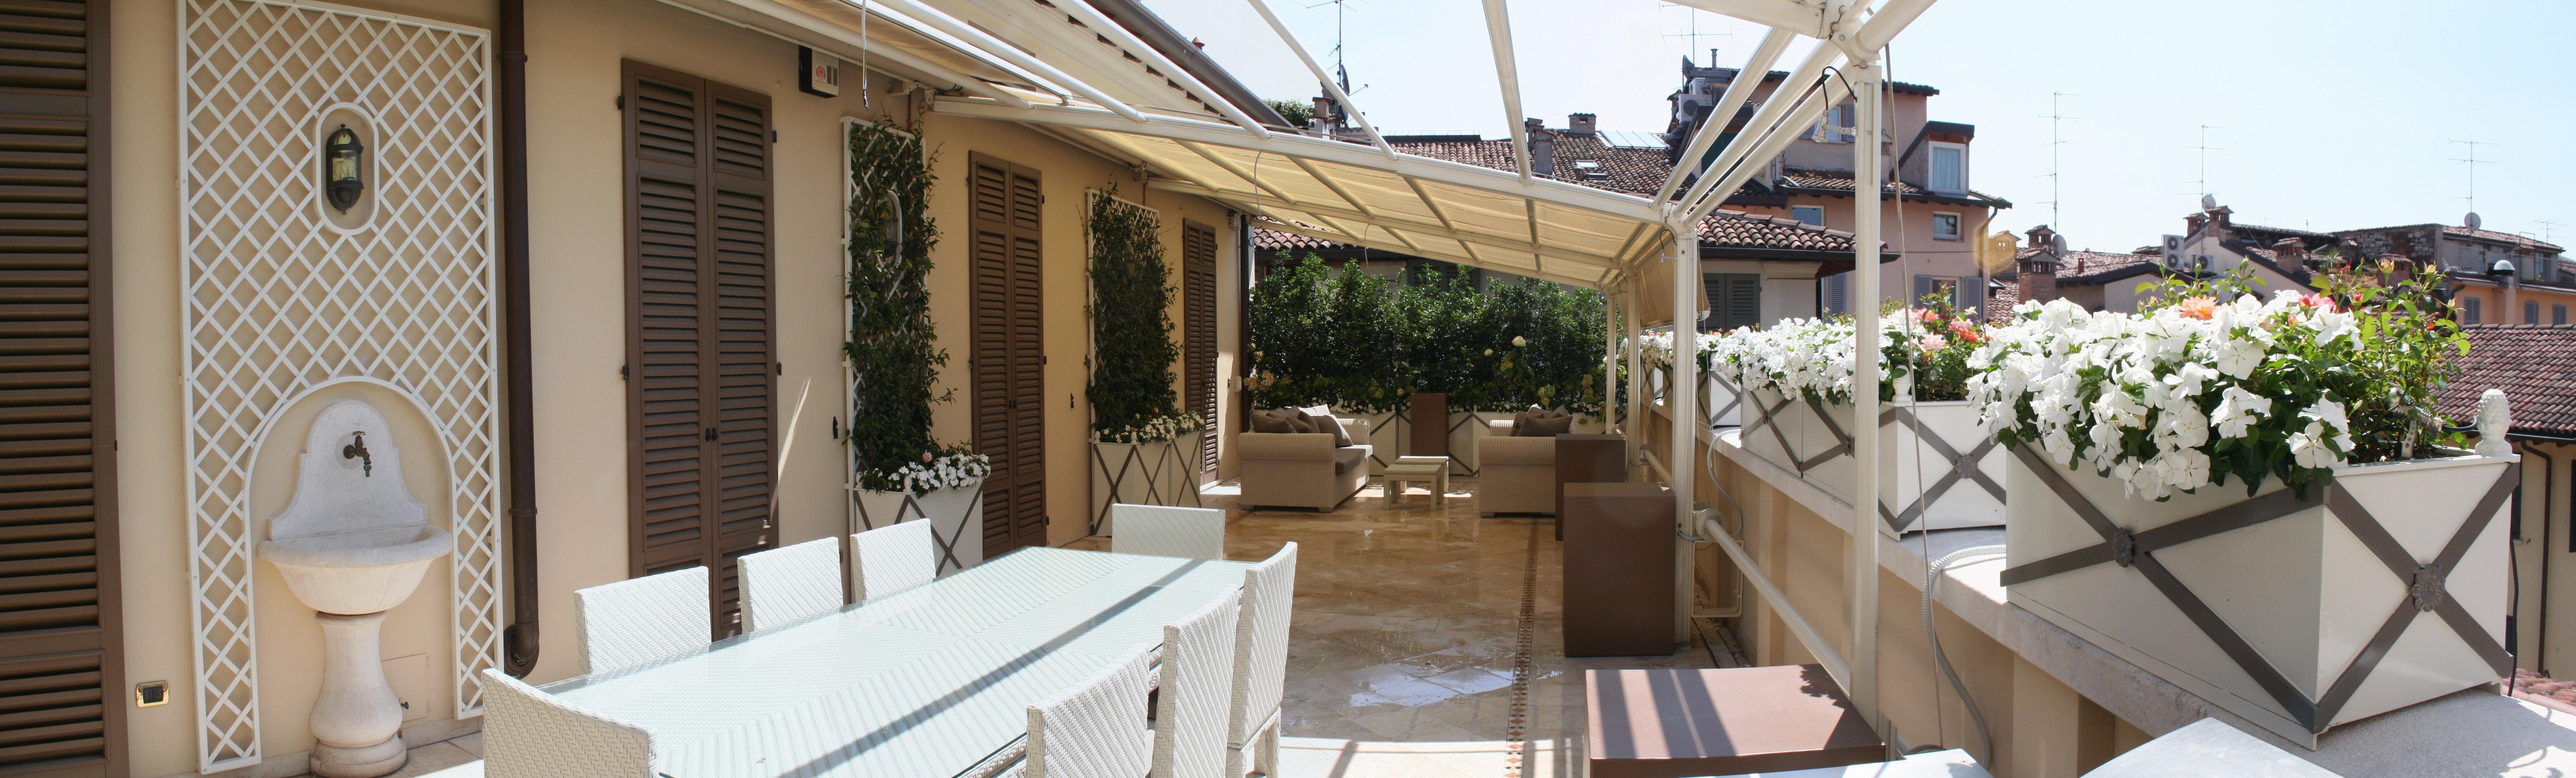 Brescia. terrazza privata   progettazione giardini   soluzioni di ...